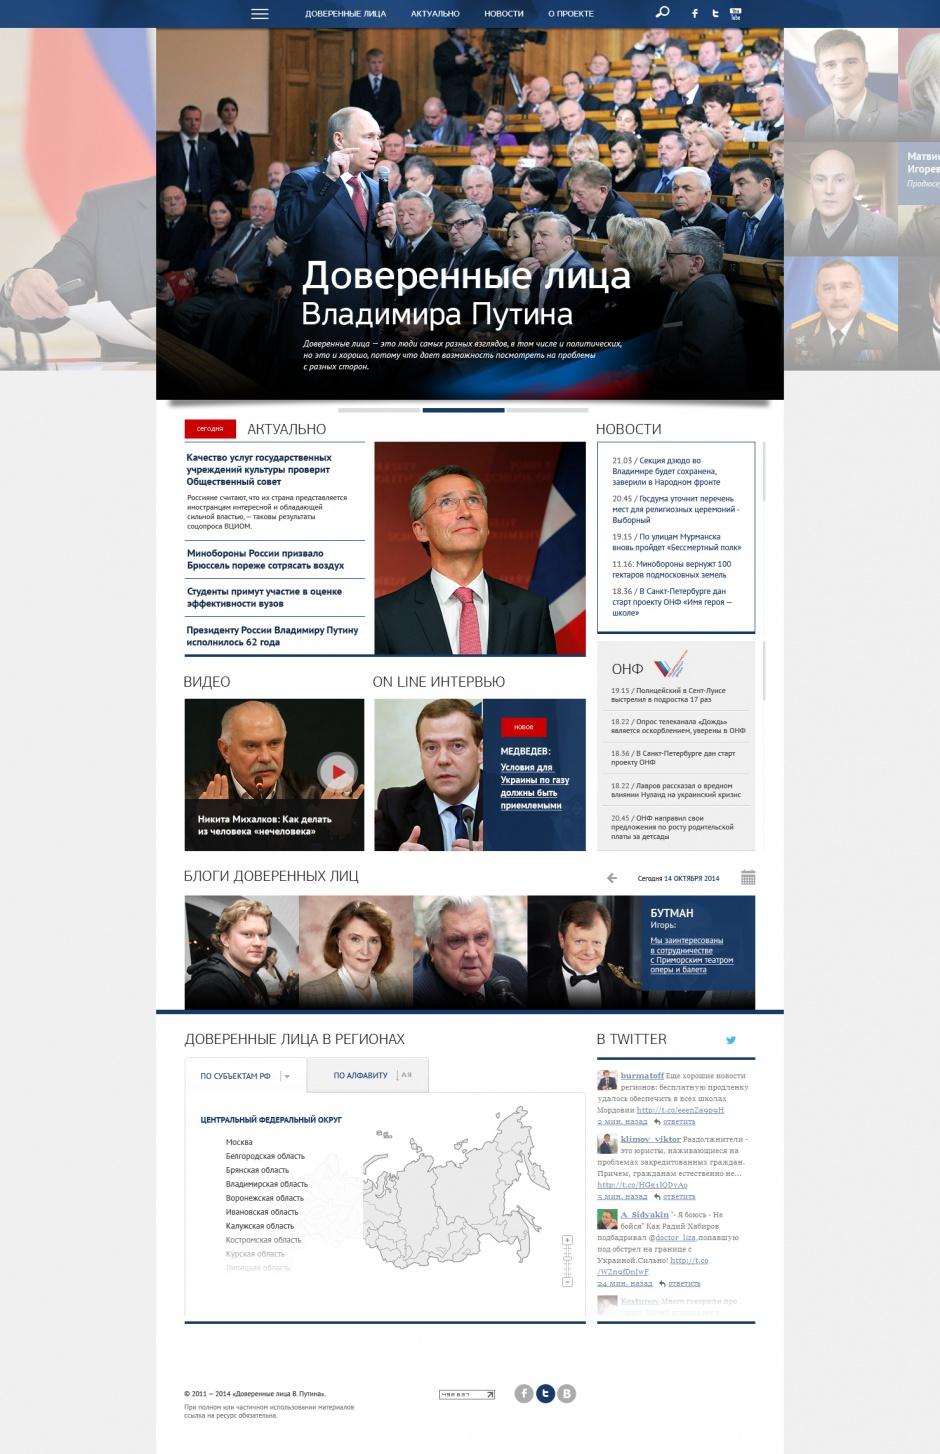 дизайн сайта Доверенные лица Владимира Путина - главная страница